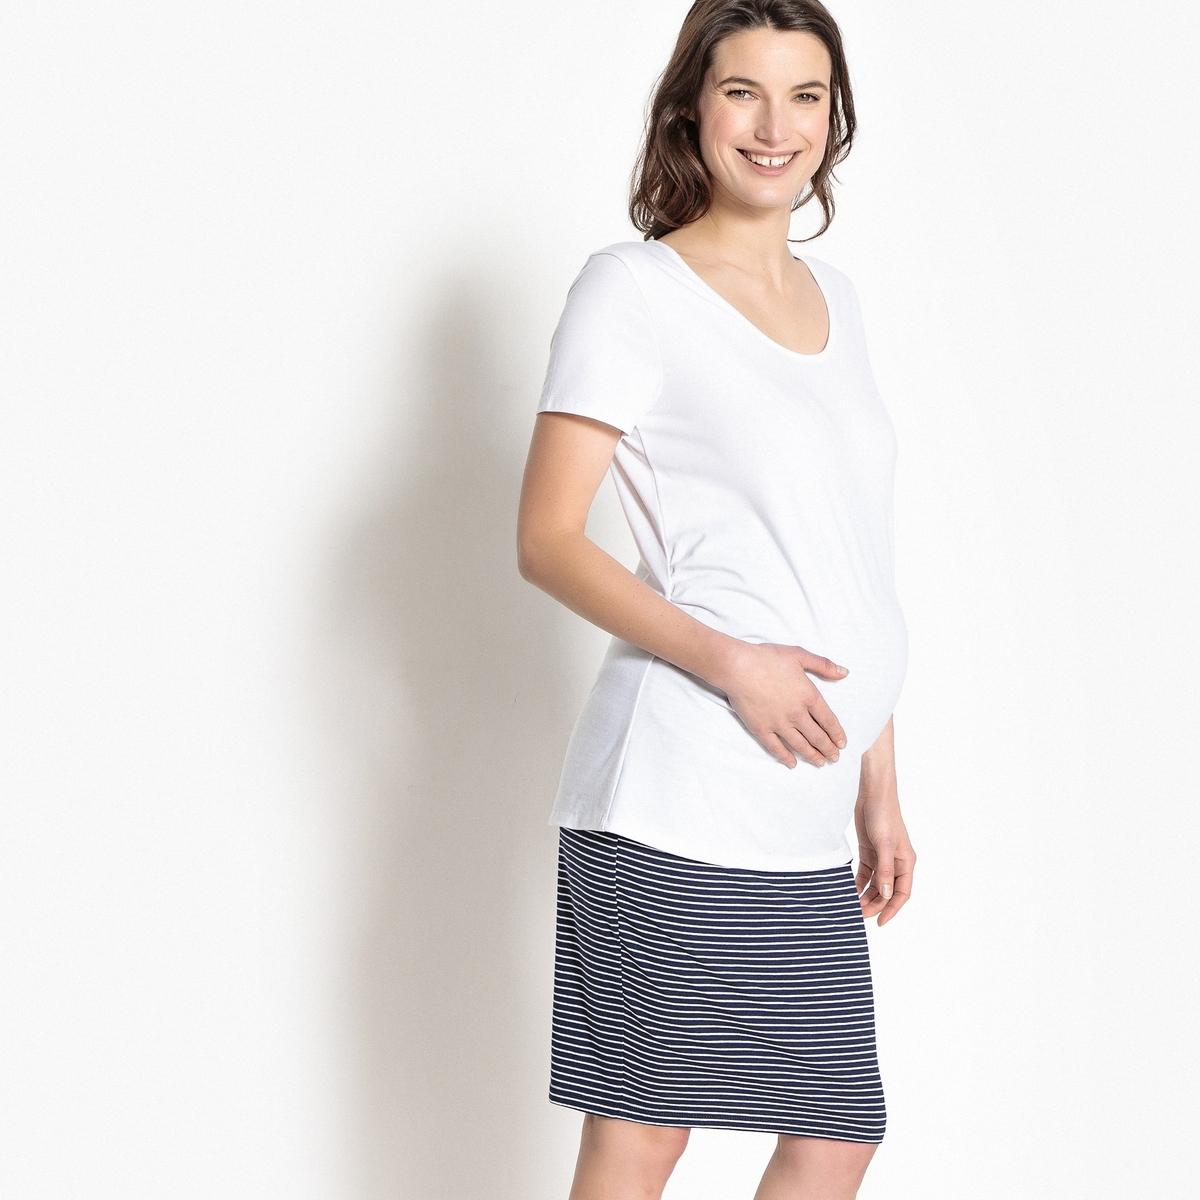 Футболка La Redoute Для периода беременности с плиссировкой на талии S белый платье la redoute из трикотажа для периода беременности s другие